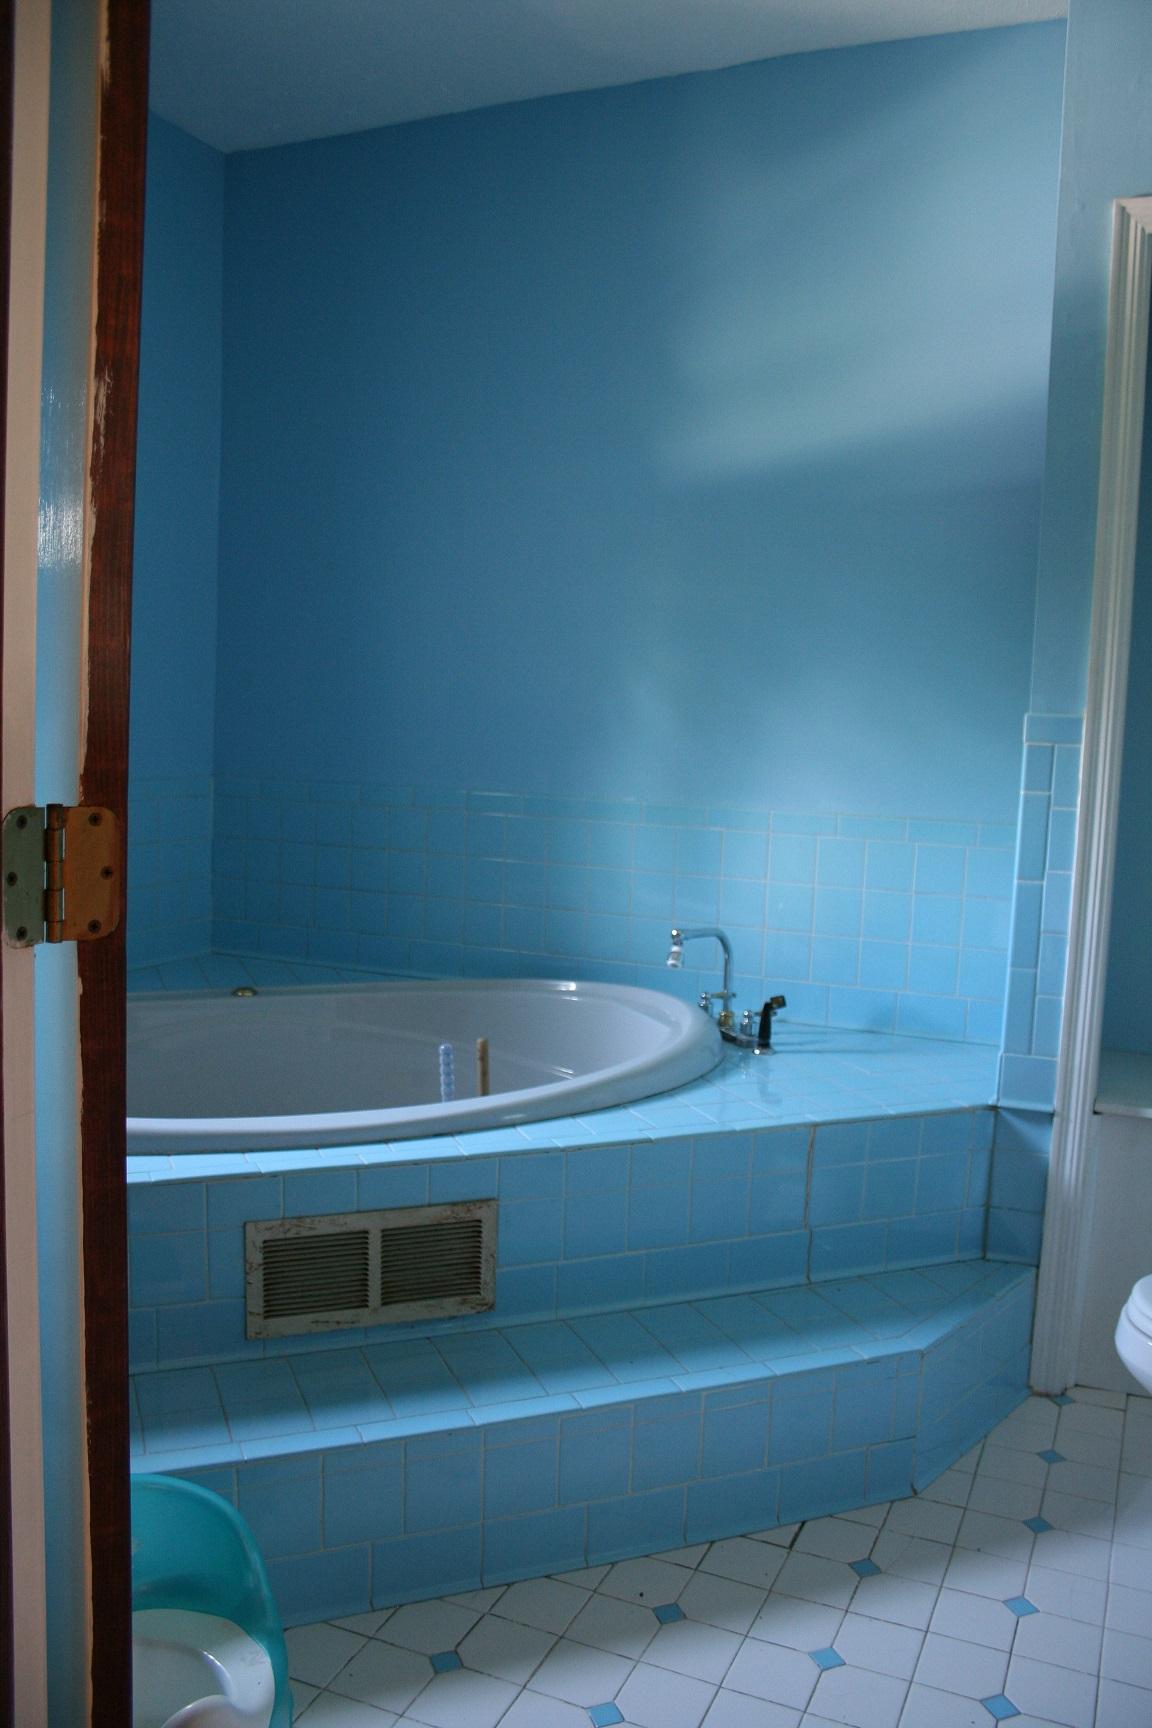 Bathroom Remodel Order Of Operations : Operation blanton farm a blue bathroom remodel